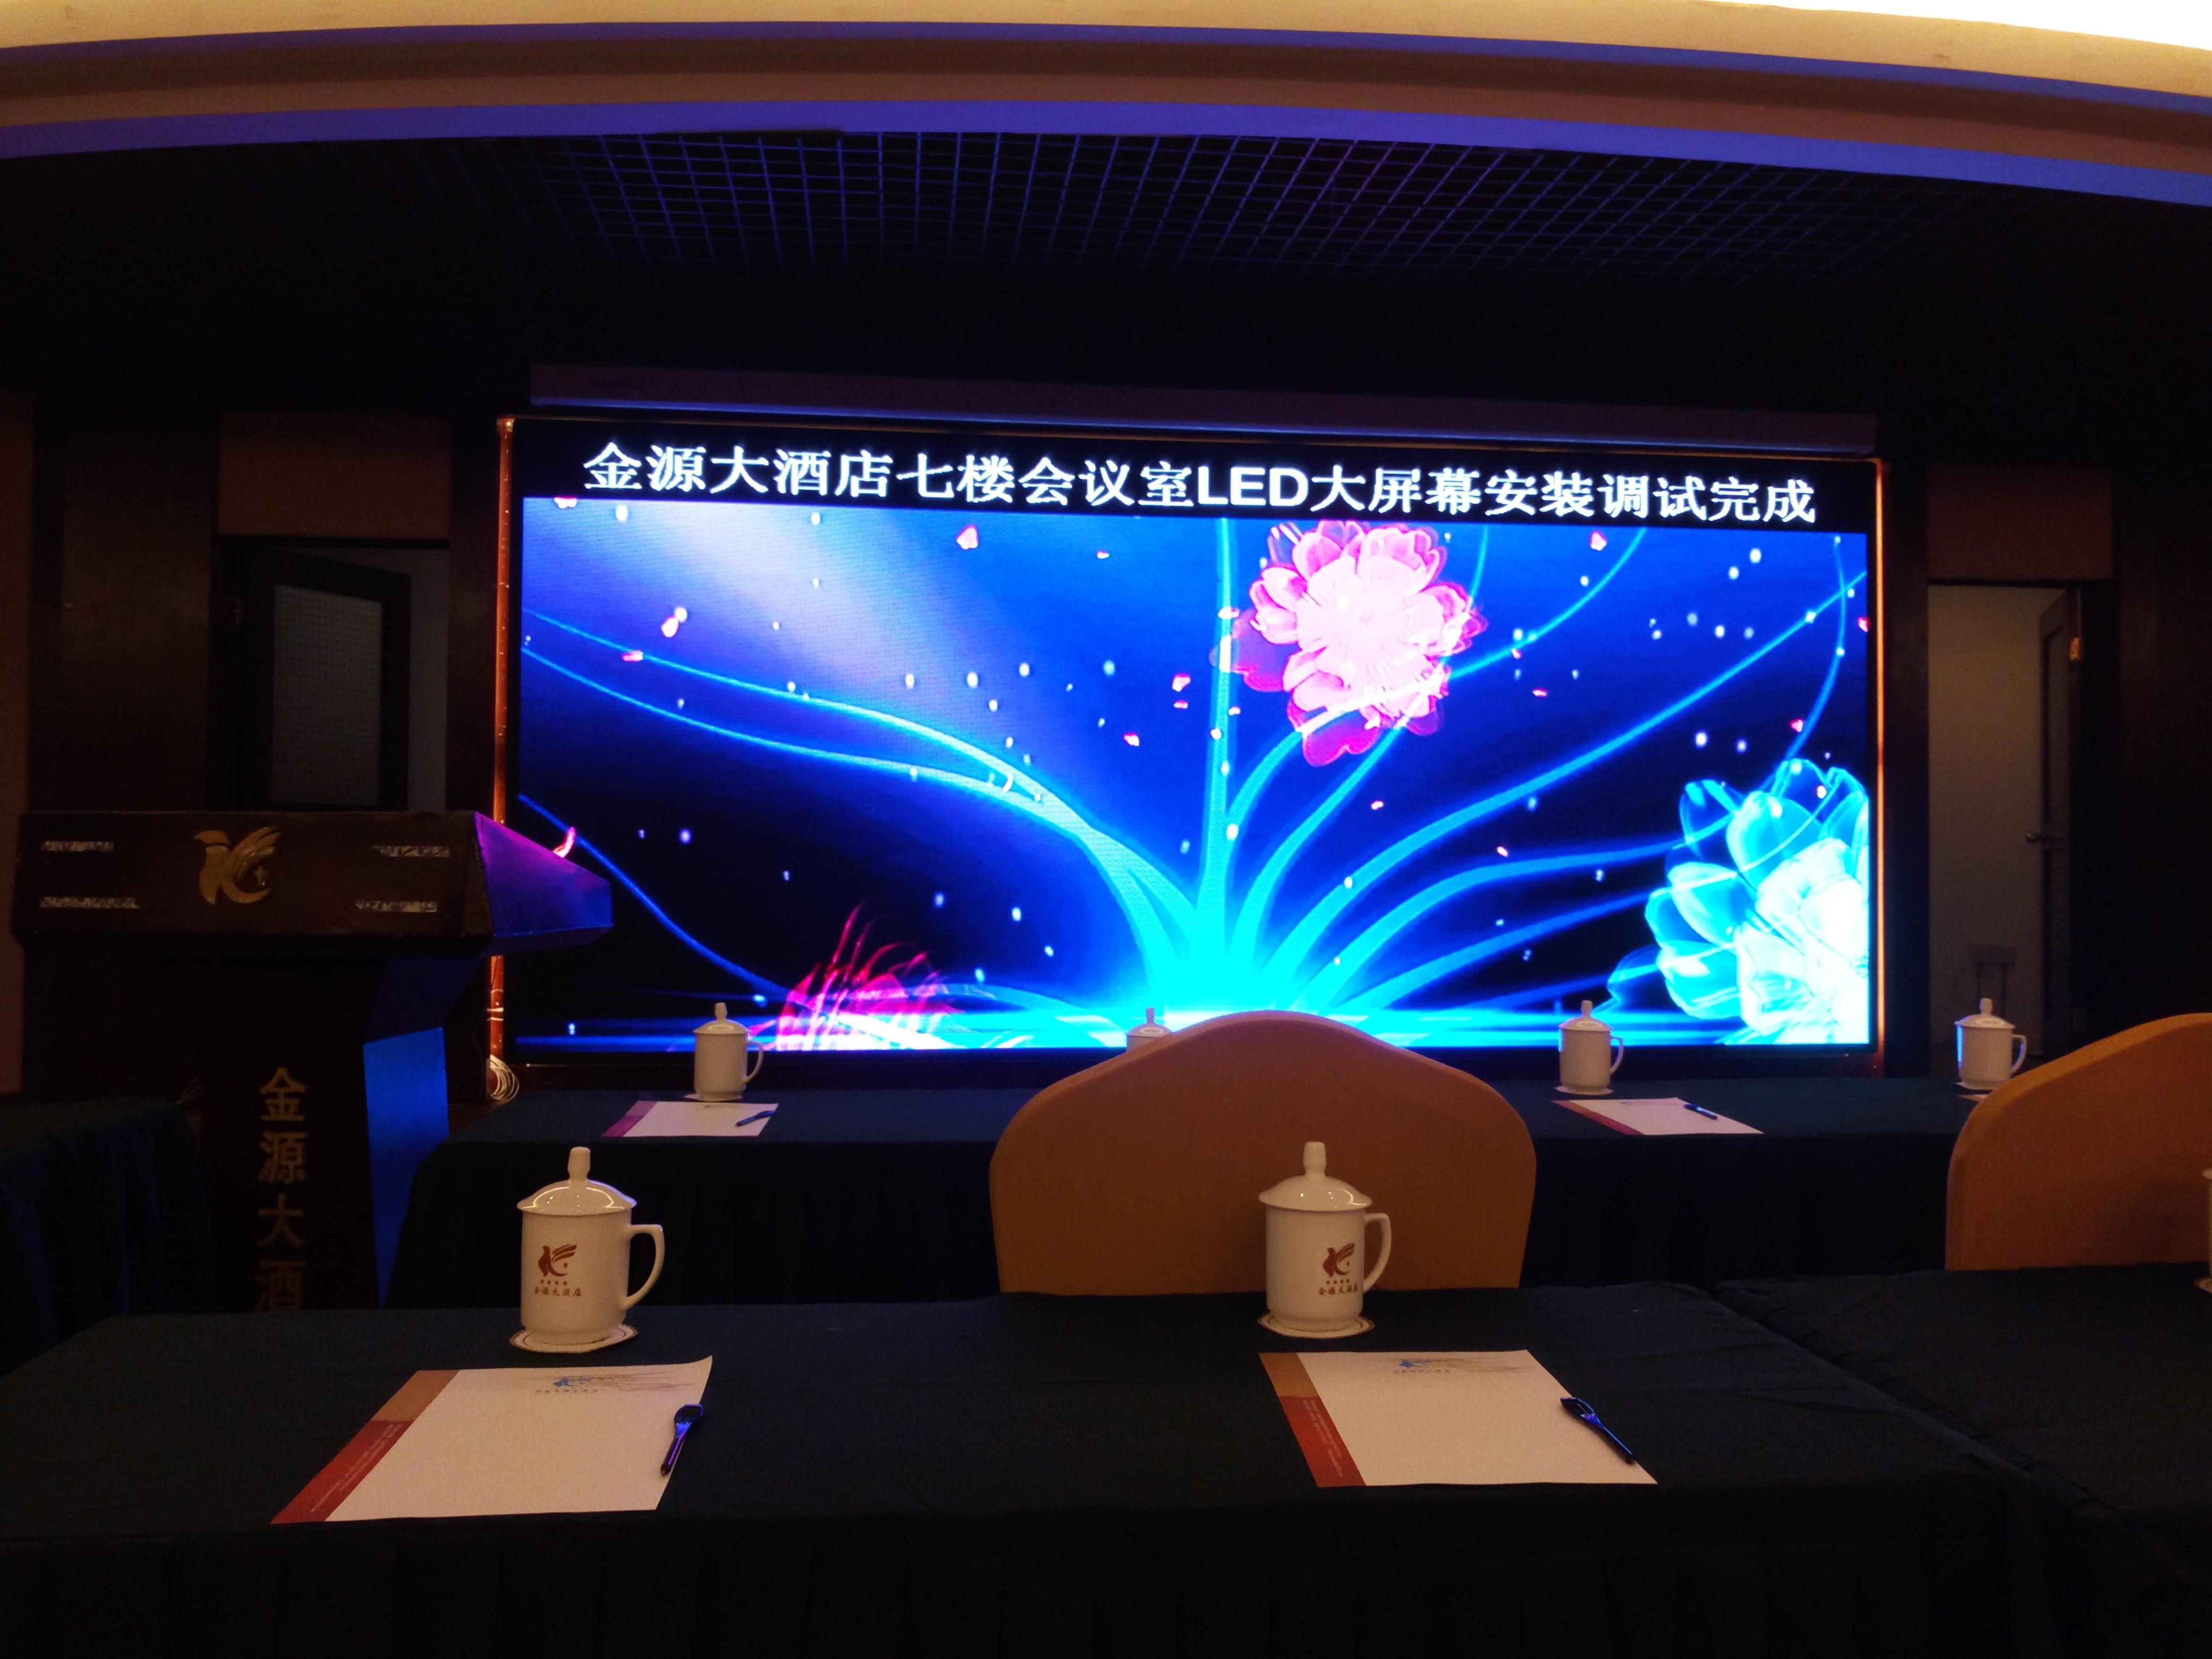 金源酒店会议室户内P3全彩显示屏